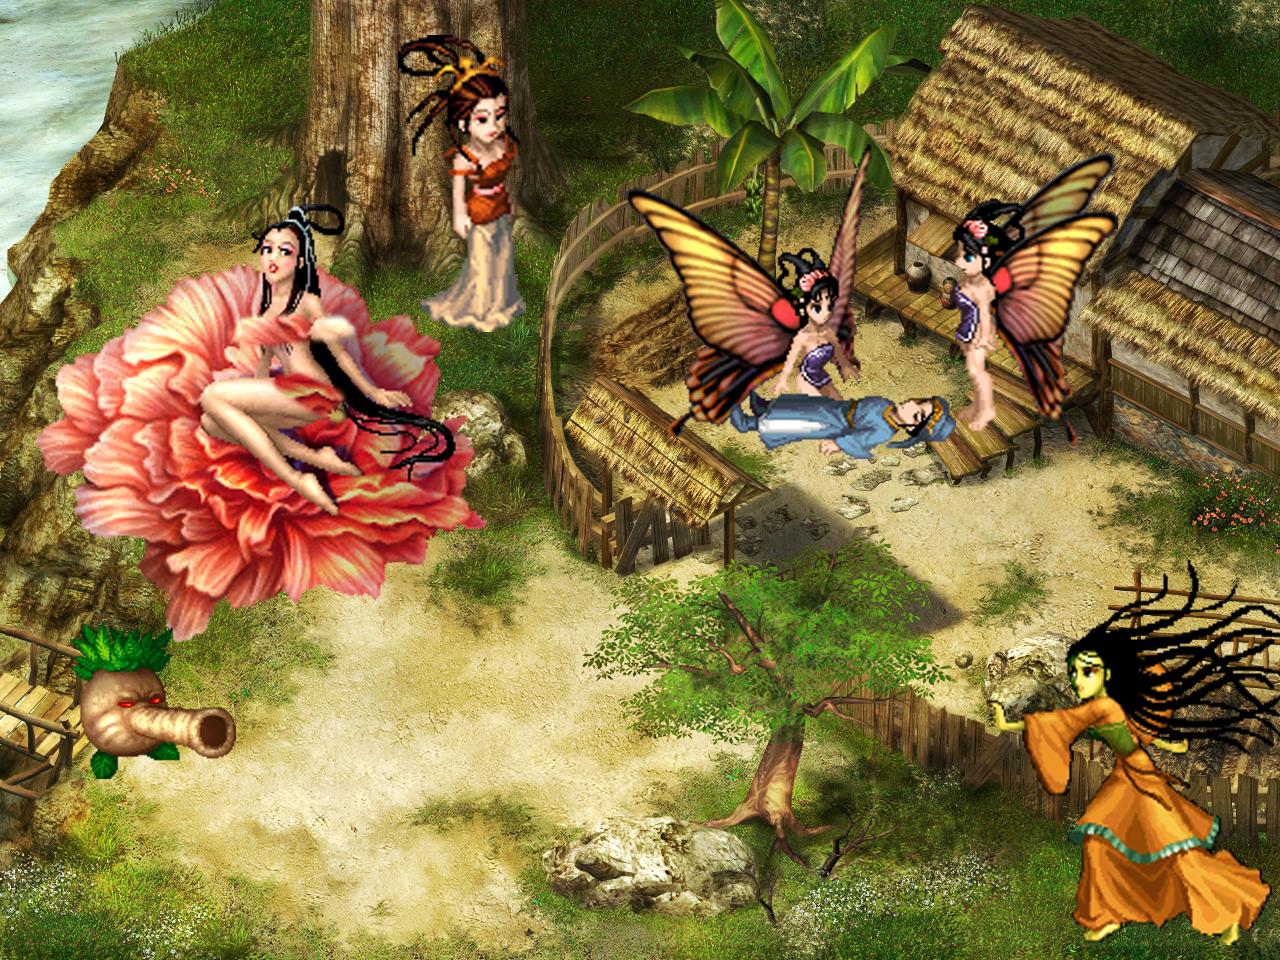 当年玩《仙剑》舍不得吃的高级道具,生死一线就啃鼠儿果和行军丹